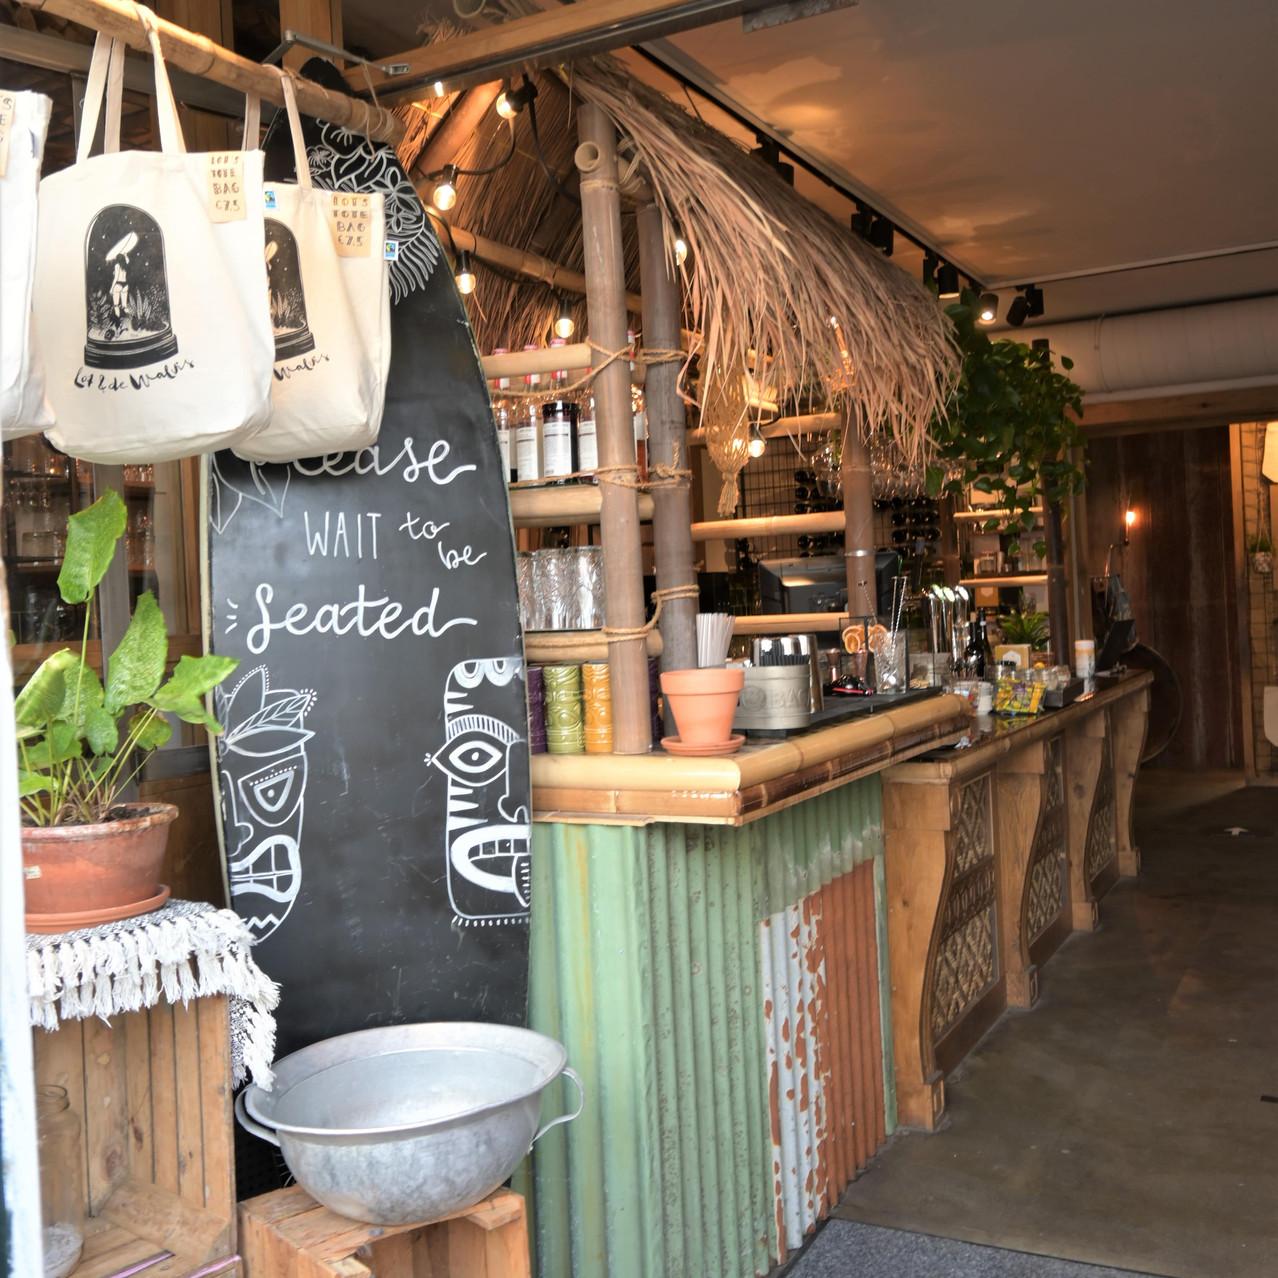 Restaurant Lot & de Walvis decor Leiden Netherlands